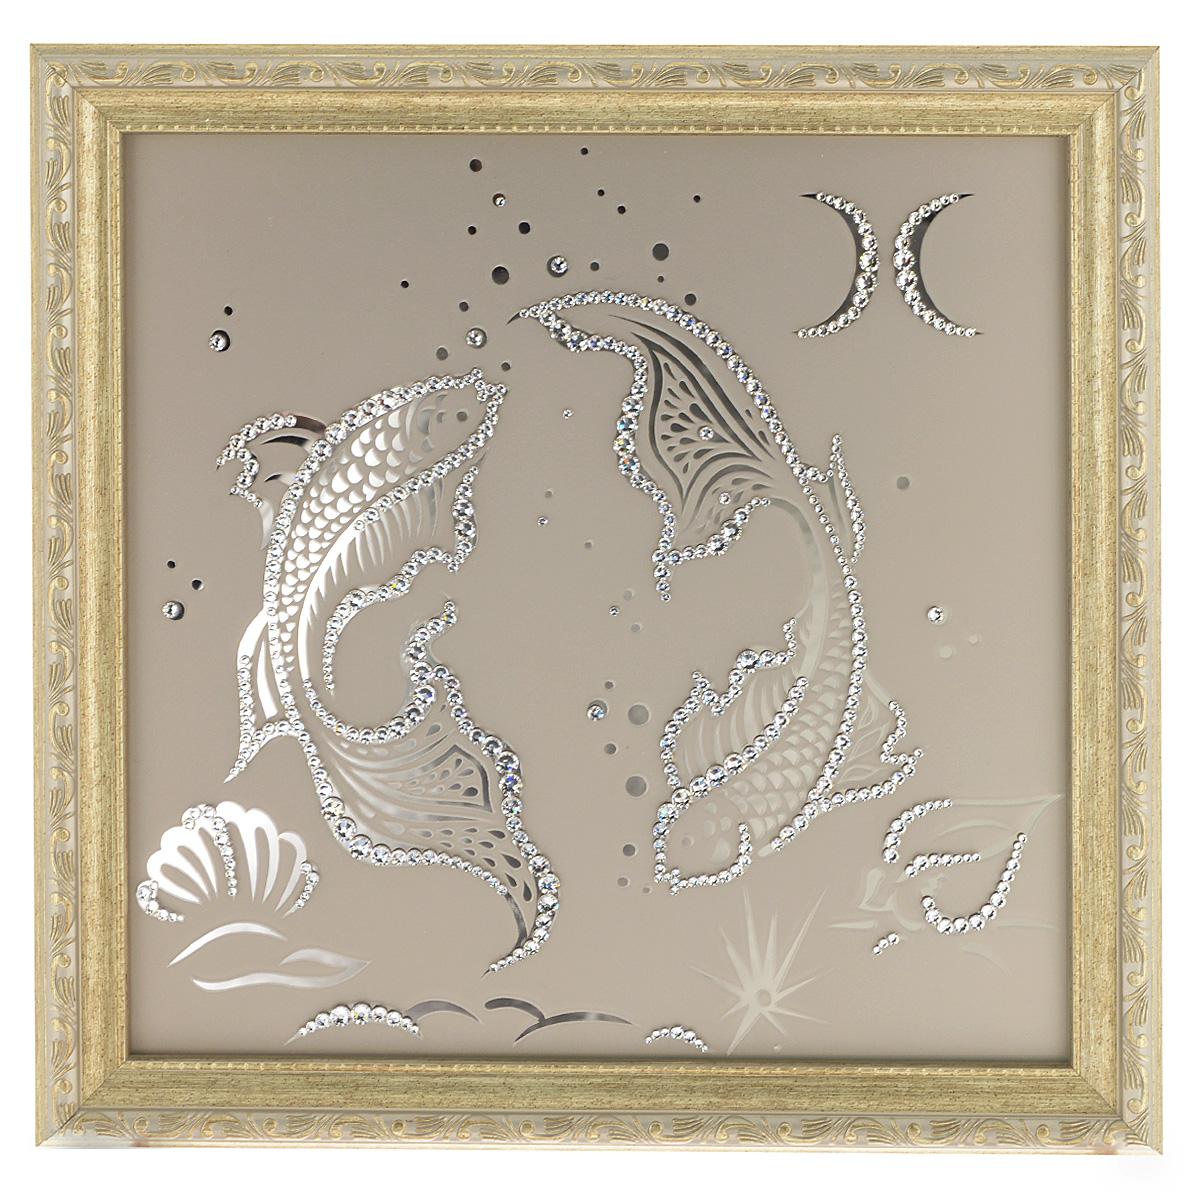 Картина с кристаллами Swarovski Знак зодиака. Рыбы, 35 см х 35 смES-412Изящная картина в багетной раме Знак зодиака. Рыбы инкрустирована кристаллами Swarovski, которые отличаются четкой и ровной огранкой, ярким блеском и чистотой цвета. Идеально подобранная палитра кристаллов прекрасно дополняет картину. С задней стороны изделие оснащено проволокой для размещения на стене. Картина с кристаллами Swarovski элегантно украсит интерьер дома, а также станет прекрасным подарком, который обязательно понравится получателю. Блеск кристаллов в интерьере - что может быть сказочнее и удивительнее. Изделие упаковано в подарочную картонную коробку синего цвета и комплектуется сертификатом соответствия Swarovski.